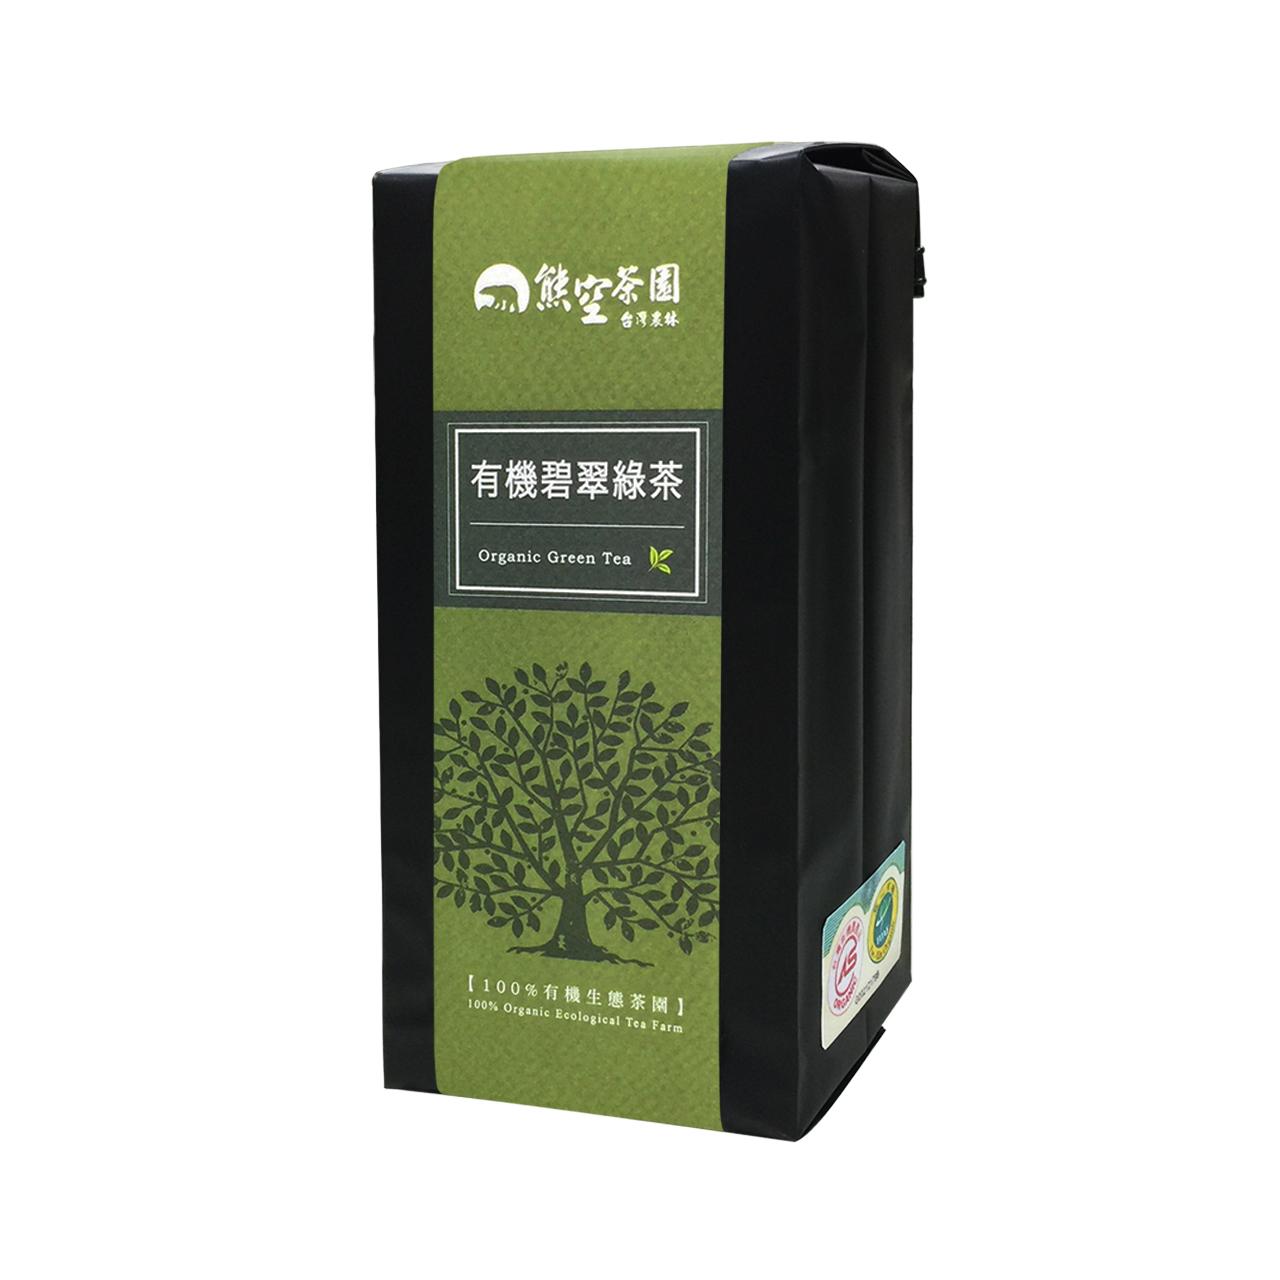 熊空-有機碧翠綠茶